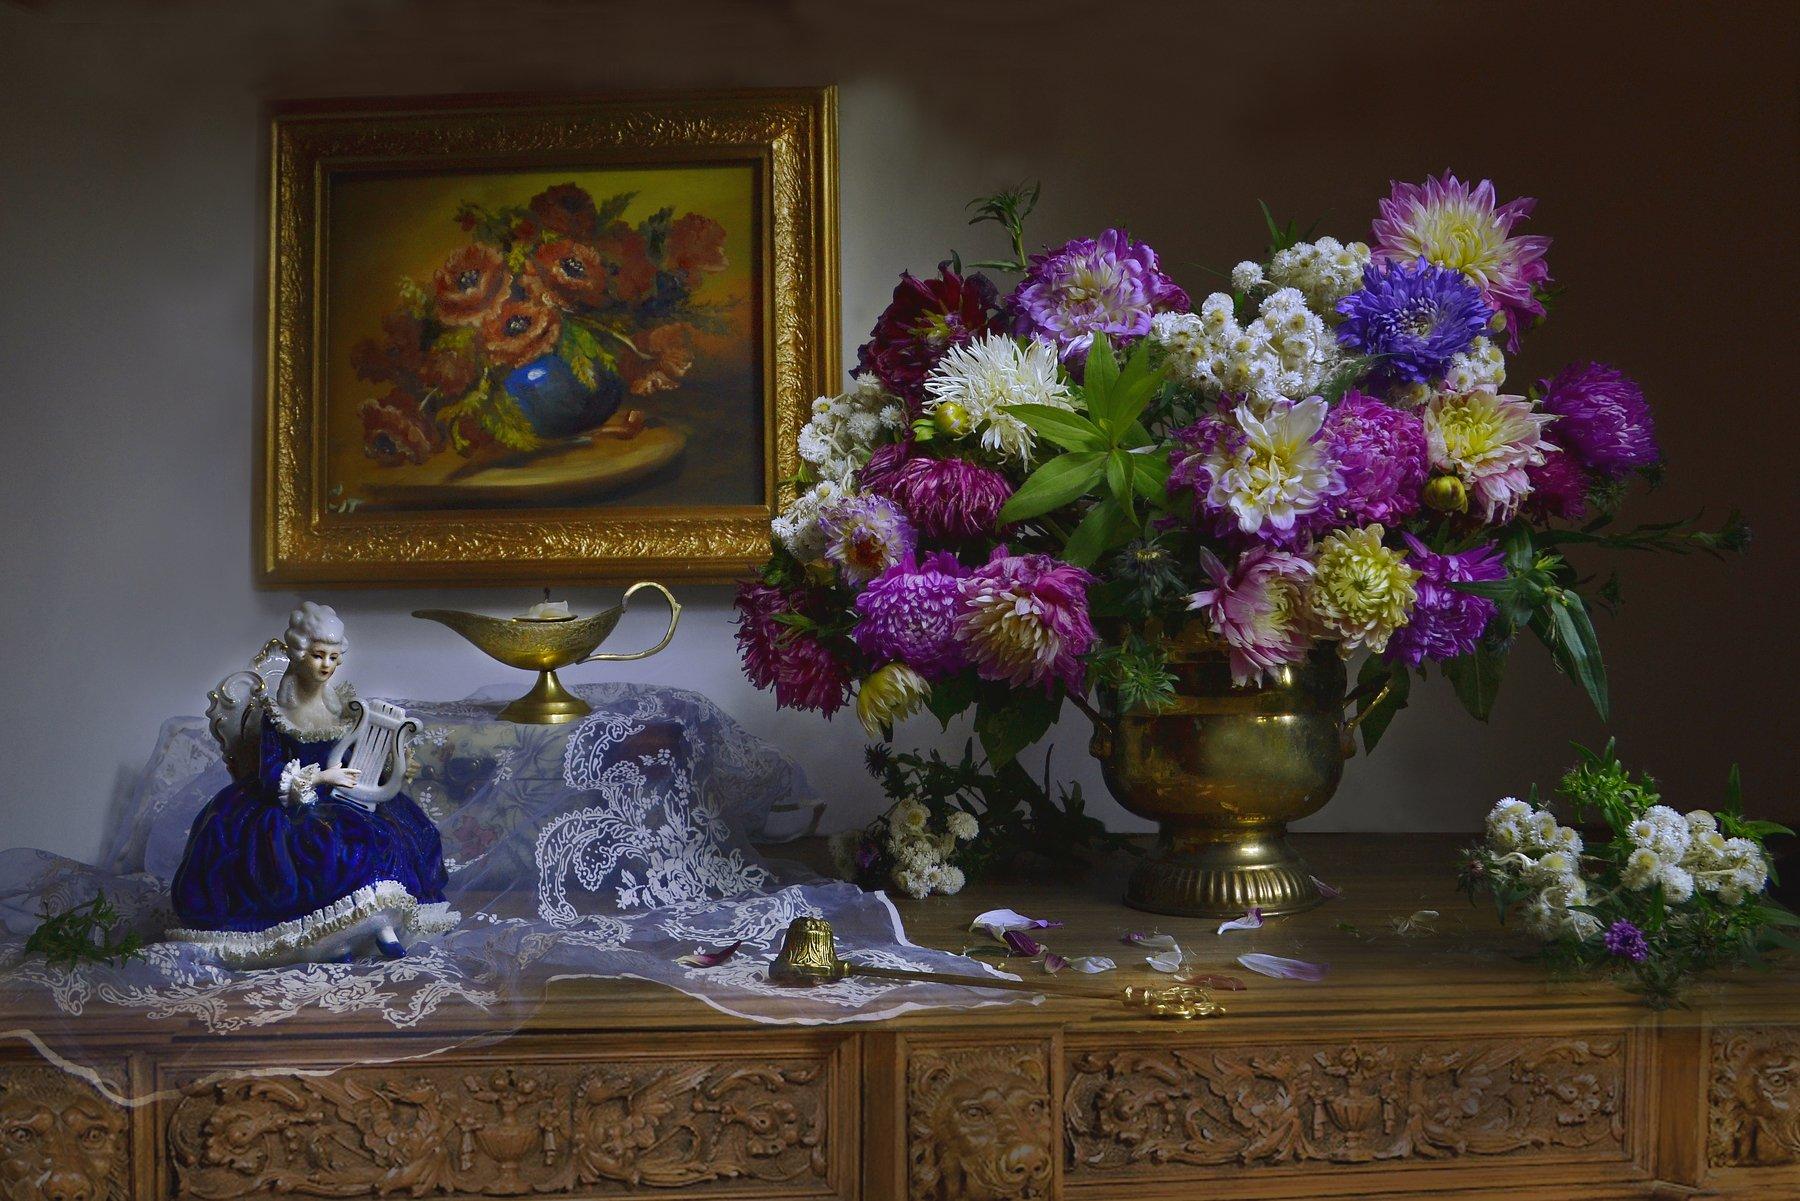 still life, натюрморт, цветы, фото натюрморт, фарфор, статуэтка, сентябрь, свеча, подсвечник, осень, настроение, картина, георгины, астры, Колова Валентина